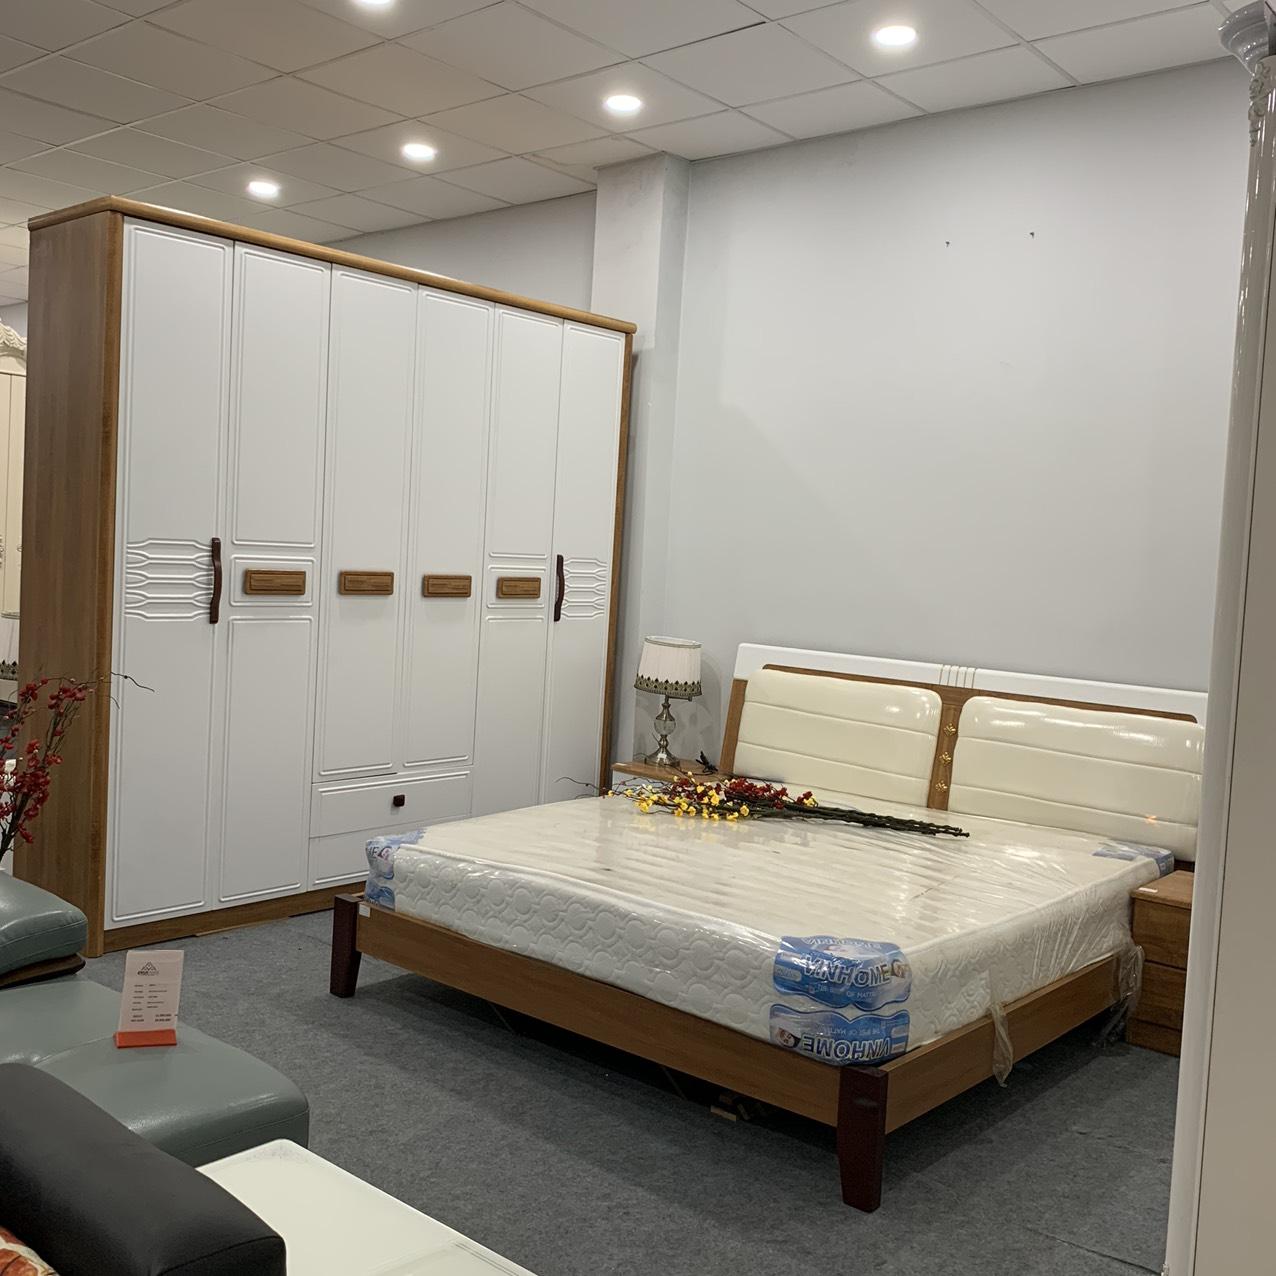 Bộ giường tủ nhập khẩu cao cấp nguyên kiện 853